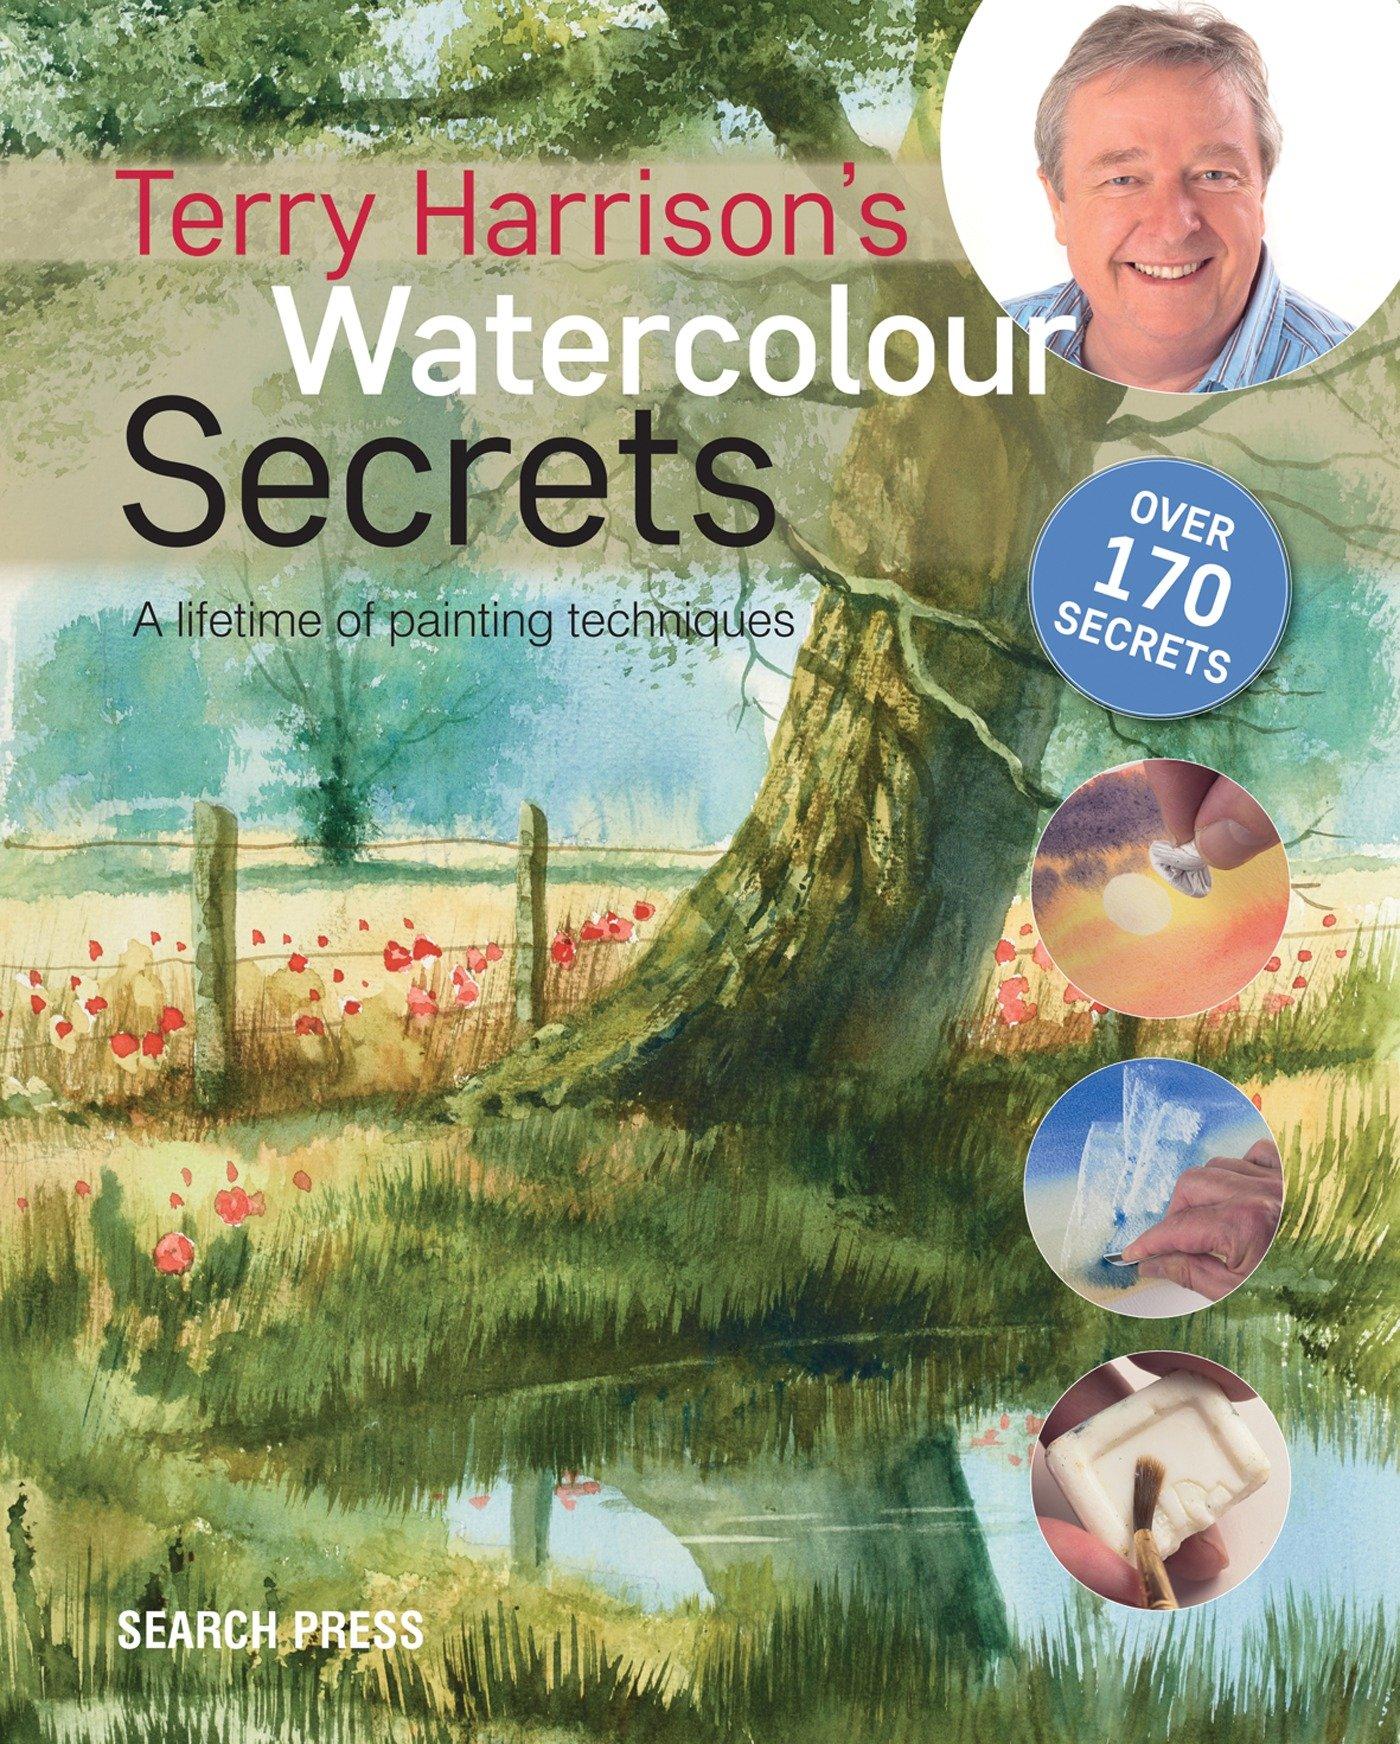 Terry Harrison's Watercolour Secrets: A lifetime of painting techniques